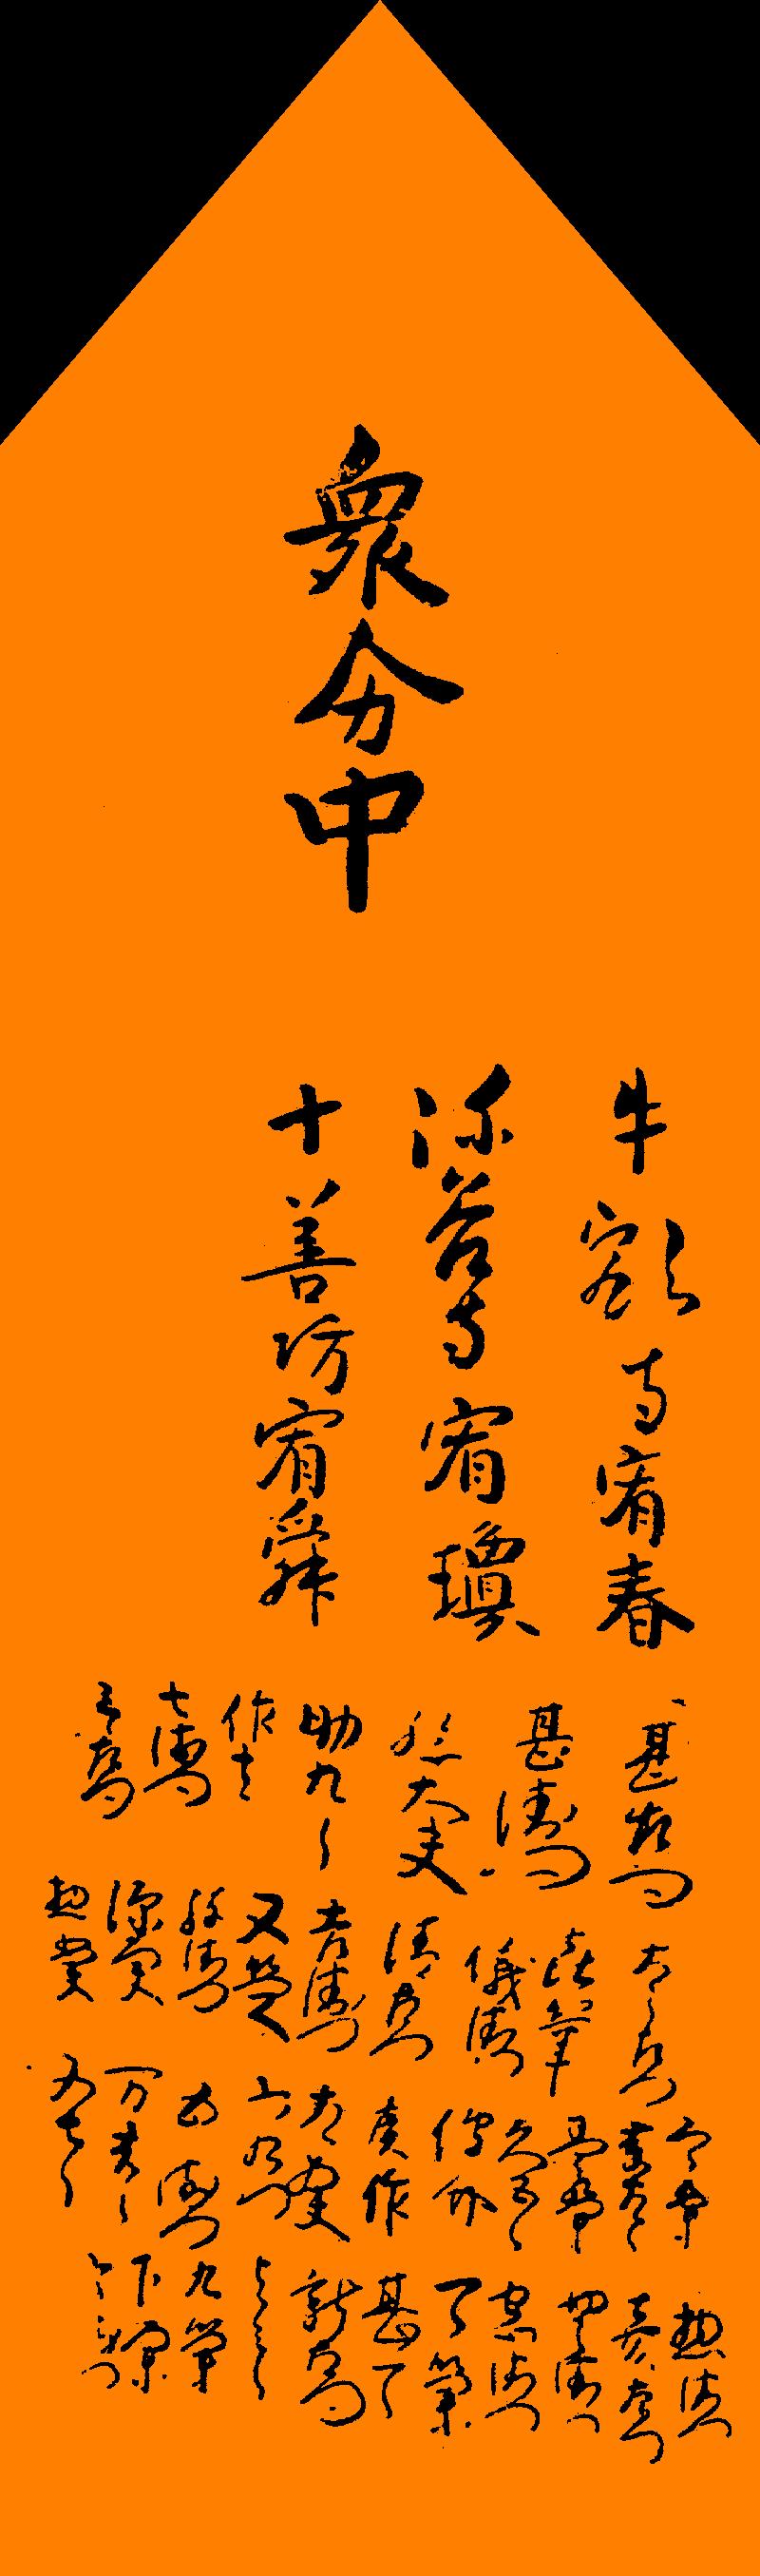 多度津町山階・春日神社 本殿棟札 裏